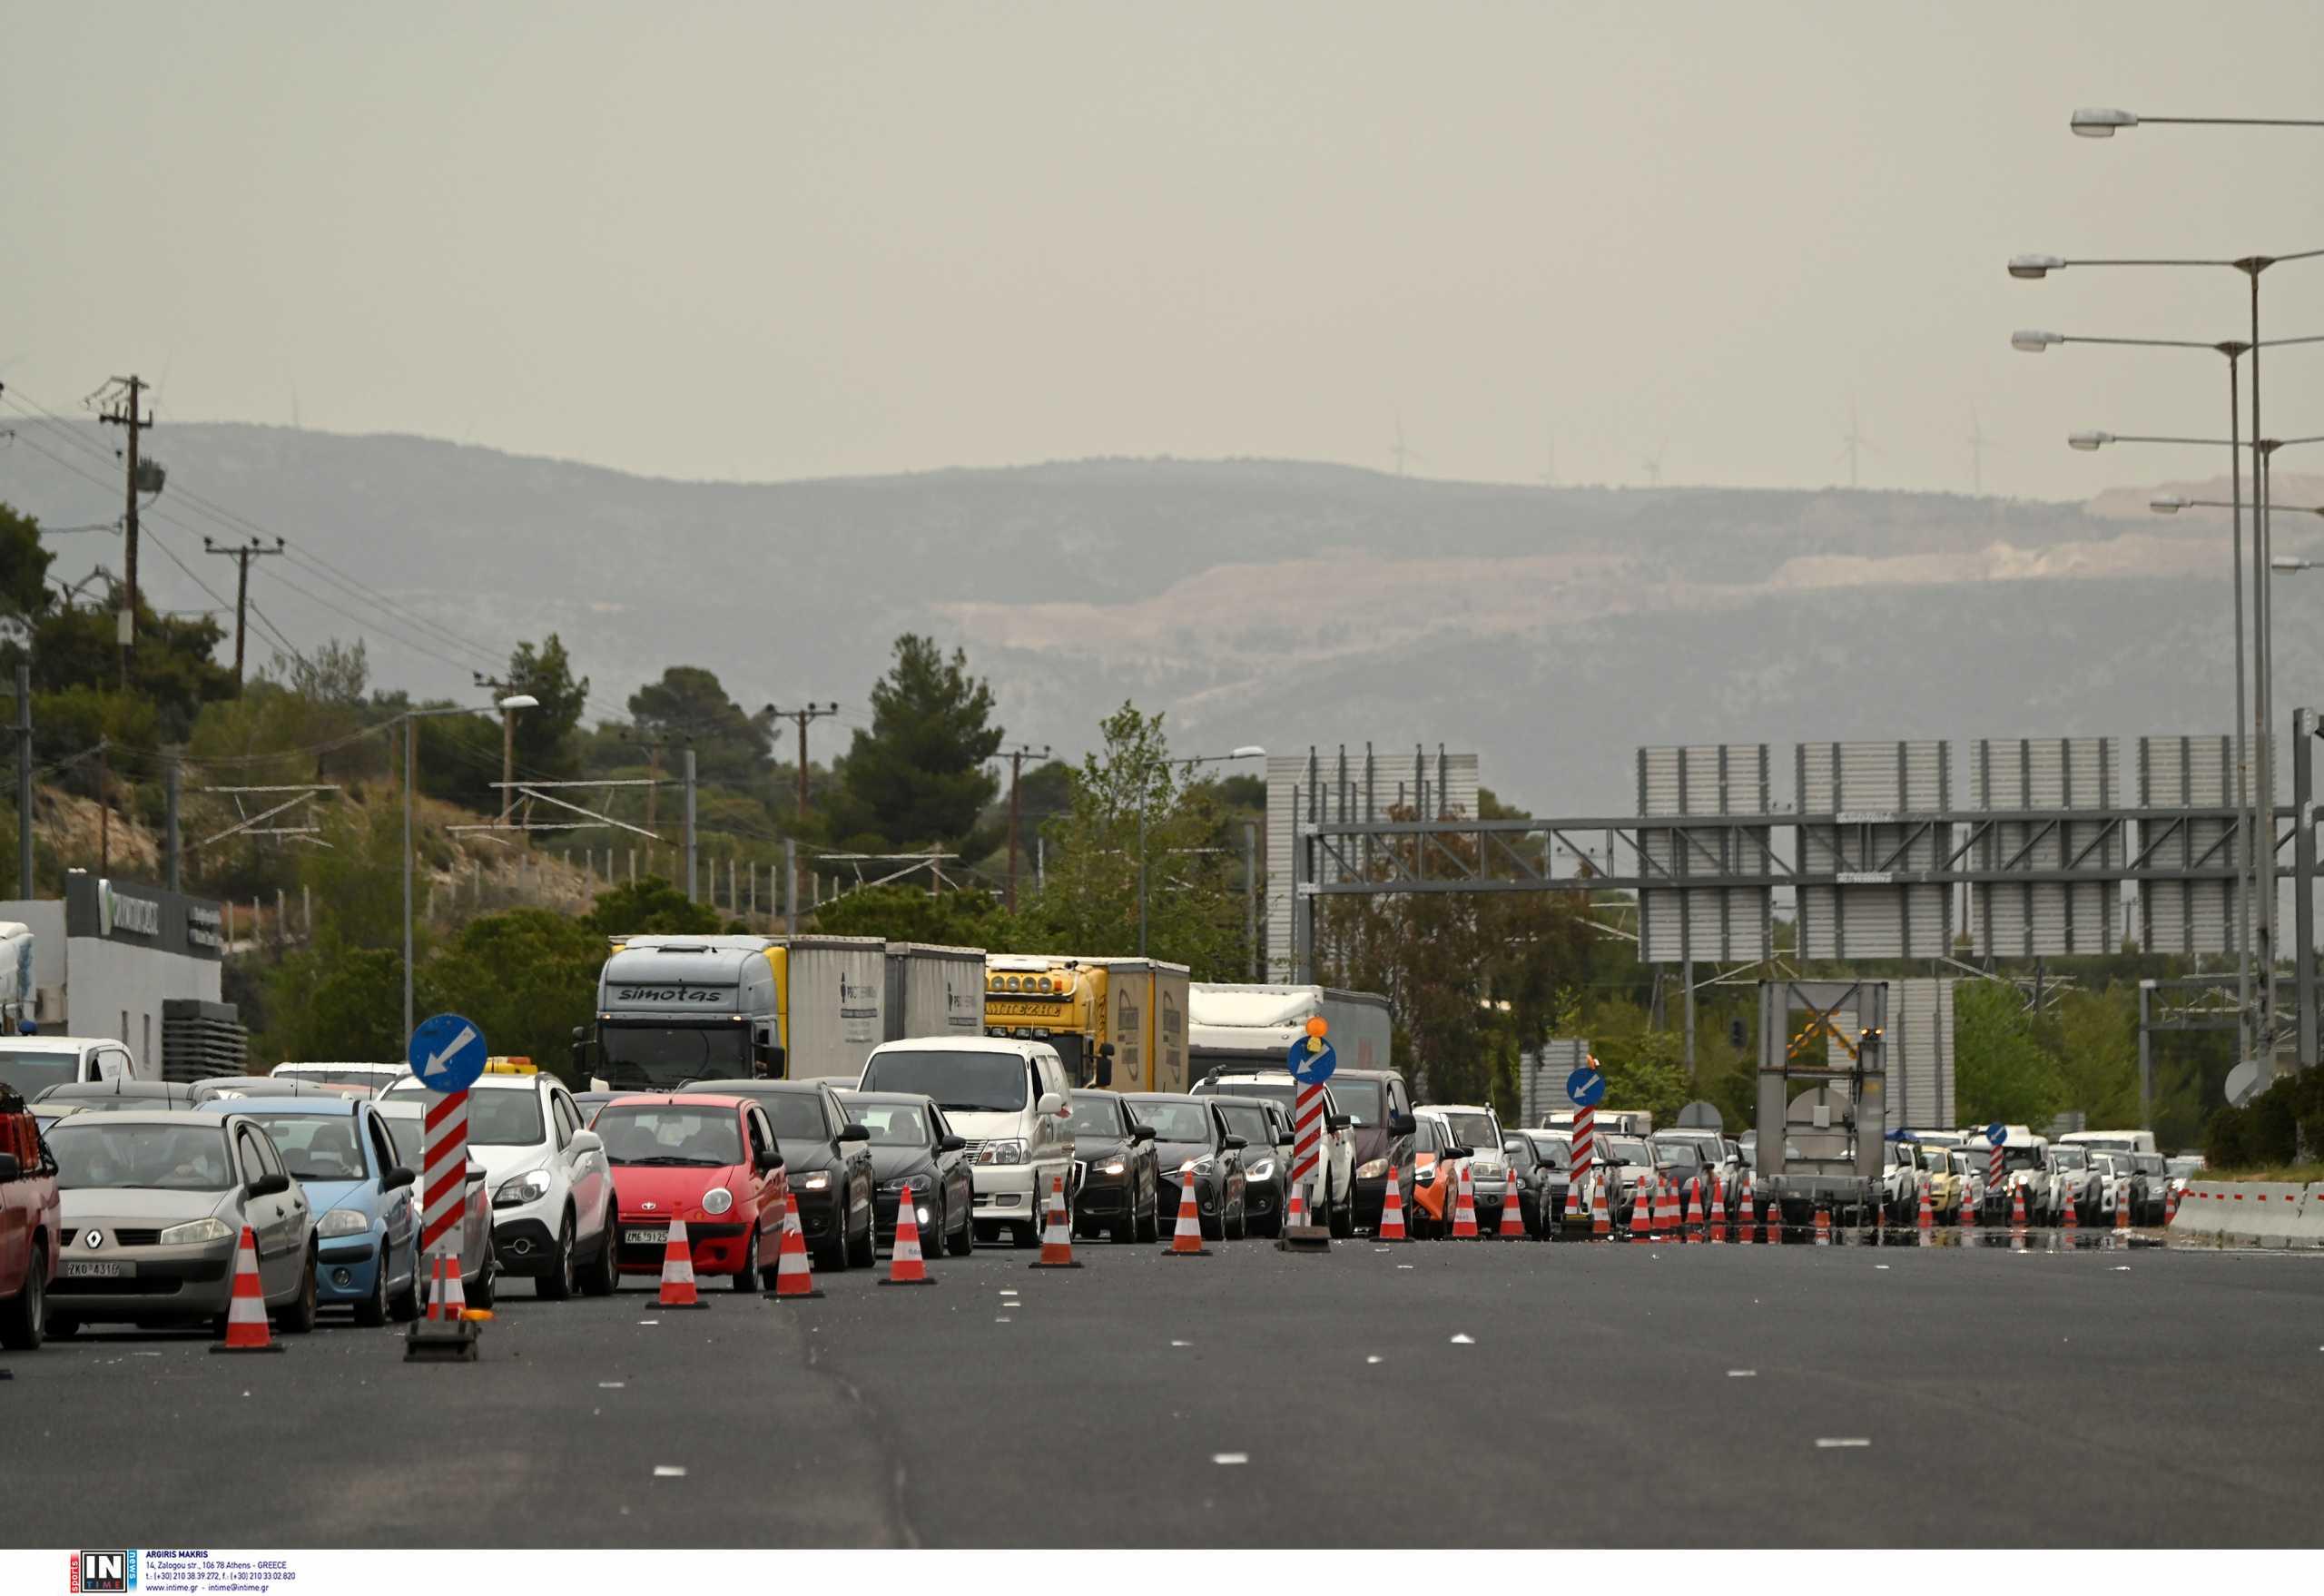 Διόδια: Μαζική έξοδος από την Αθήνα και το Σάββατο – 60.000 οχήματα σε Ελευσίνα και Αφίδνες